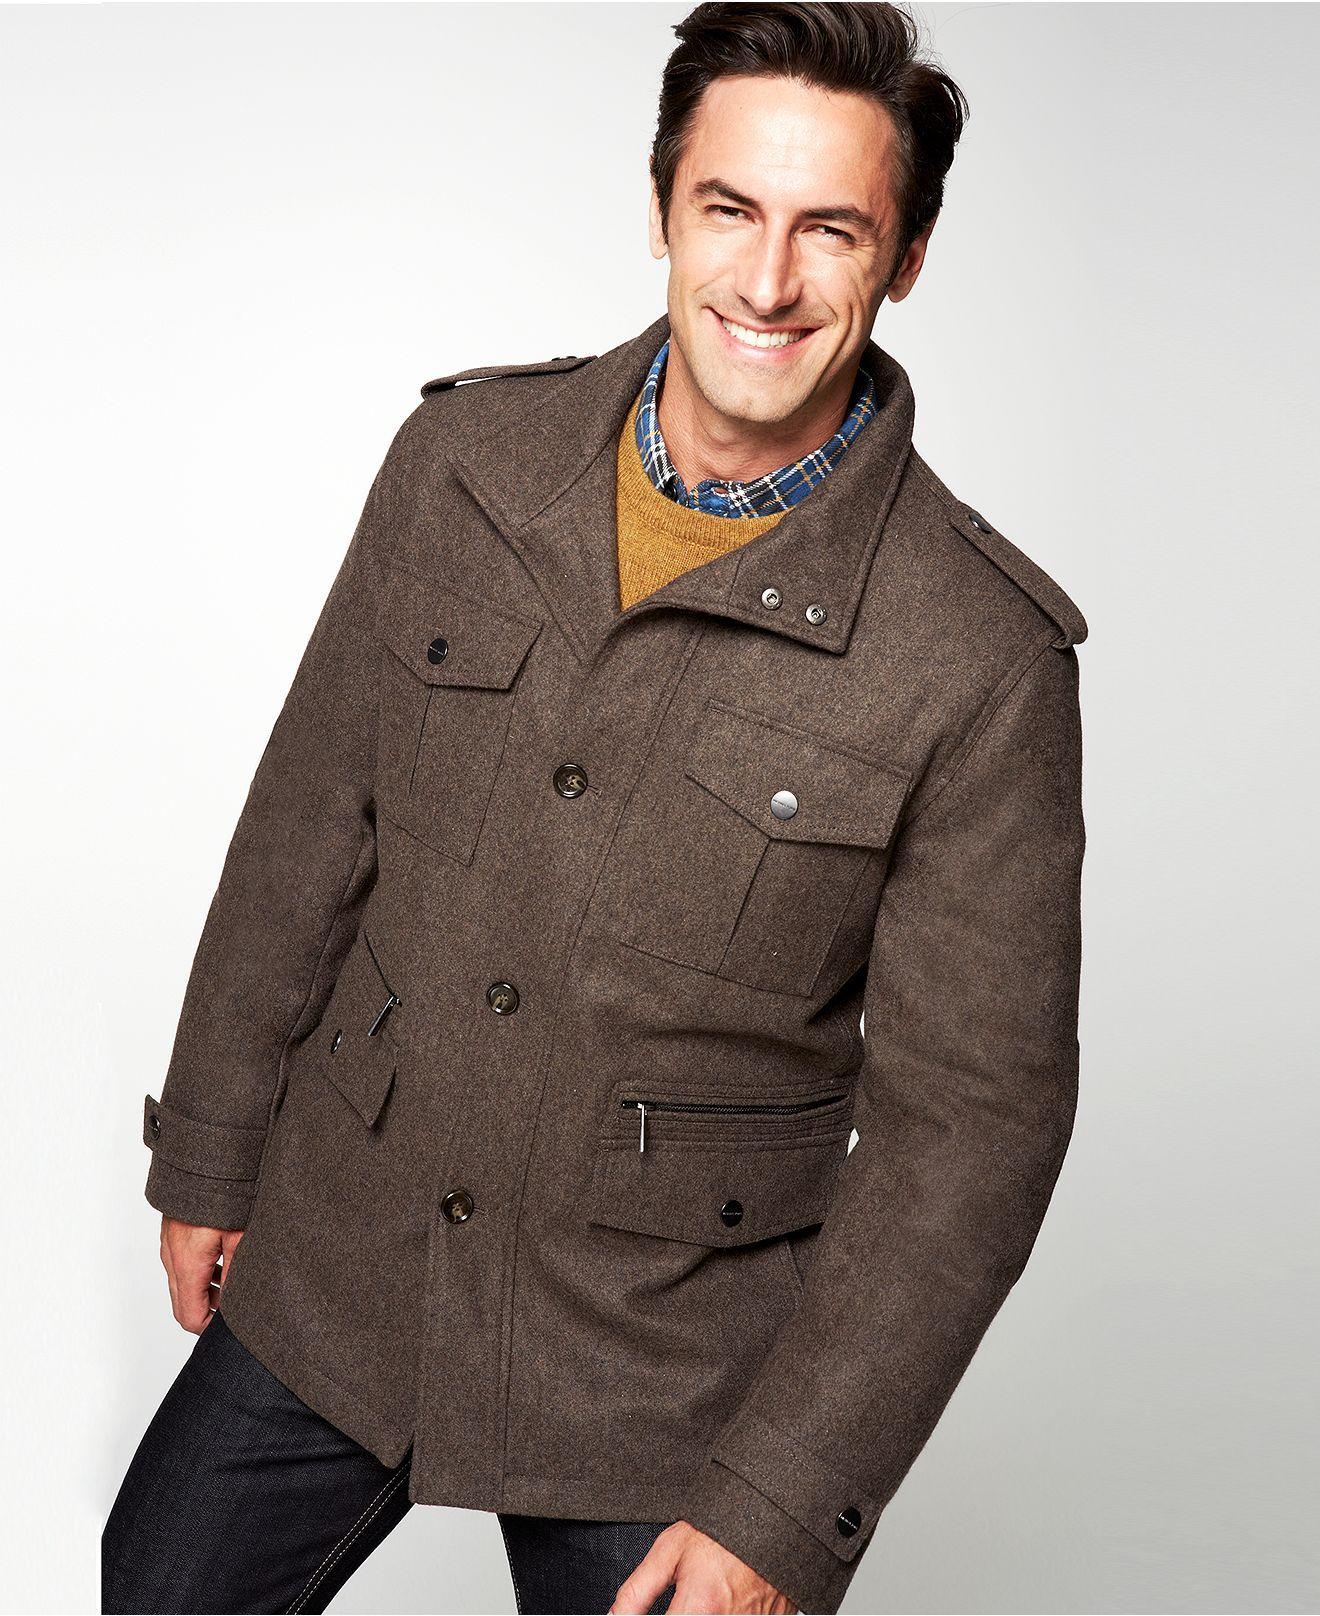 Michael Michael Kors Jacket Breckenridge Wool Blend Field Coat Coats Jackets Men Macy S Field Coat Michael Kors Jackets Coat [ 1616 x 1320 Pixel ]